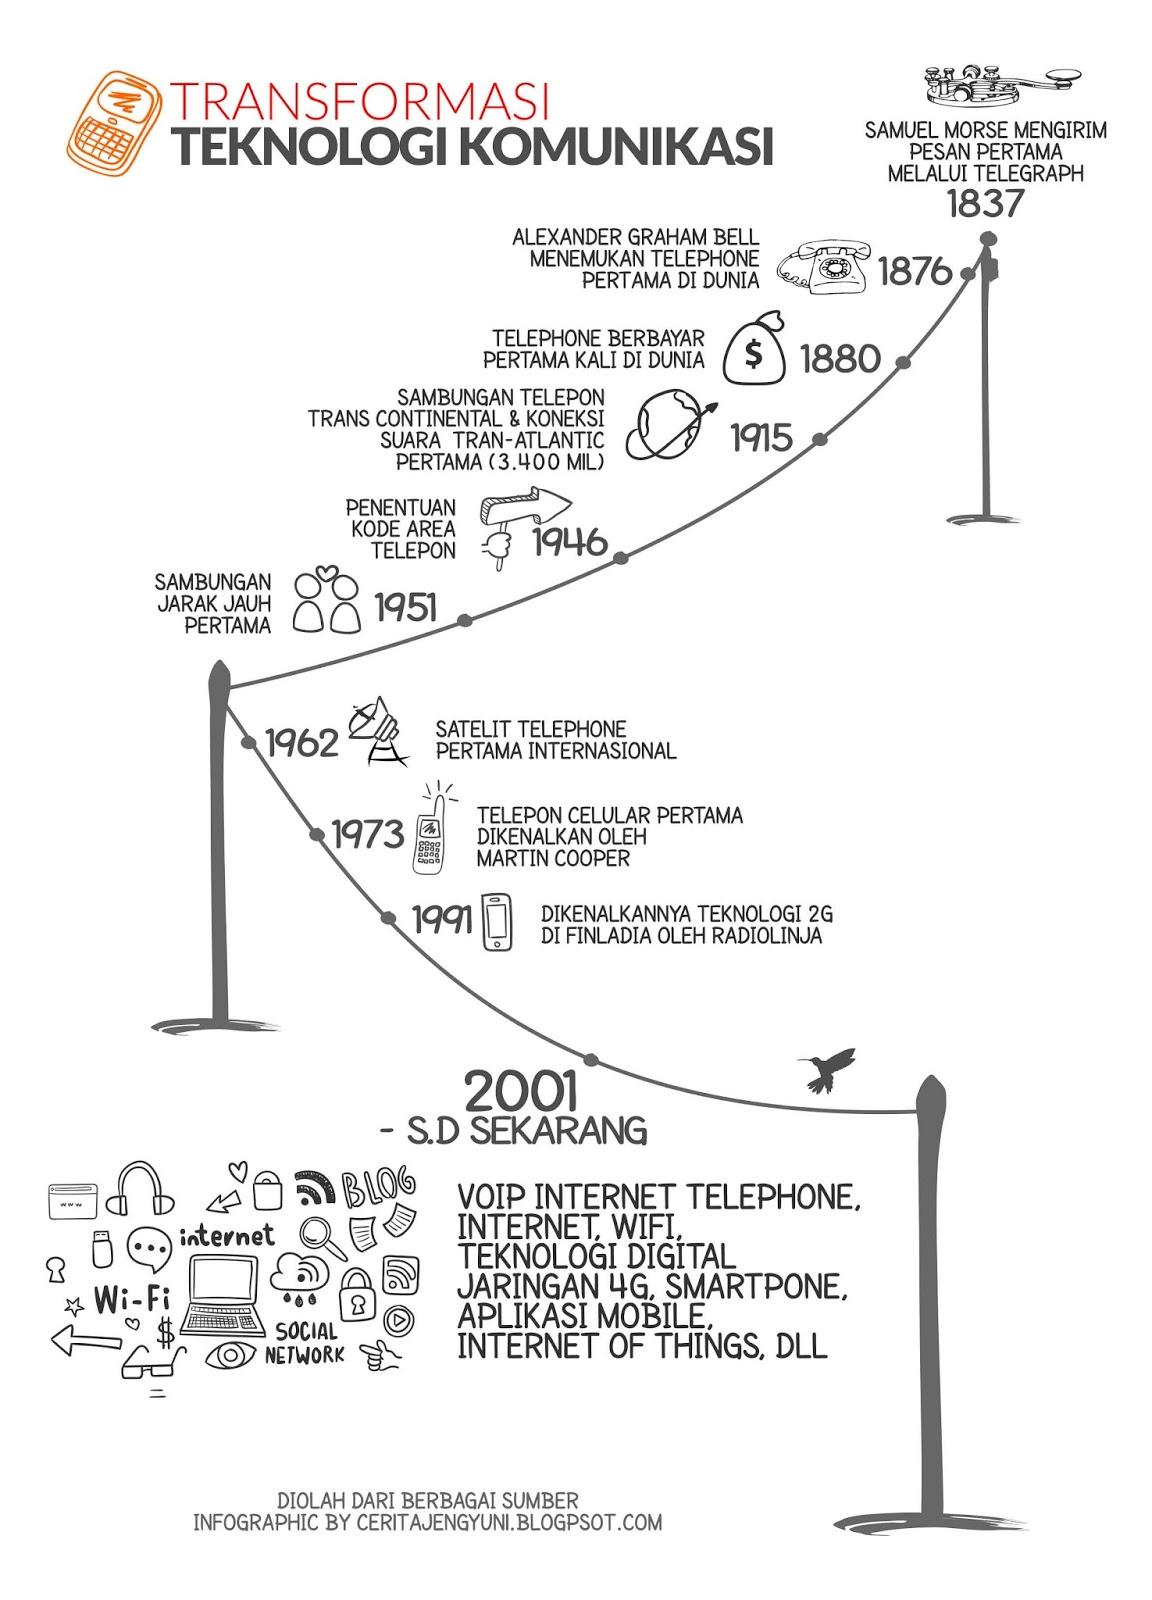 Transformasi Teknologi Komunikasi